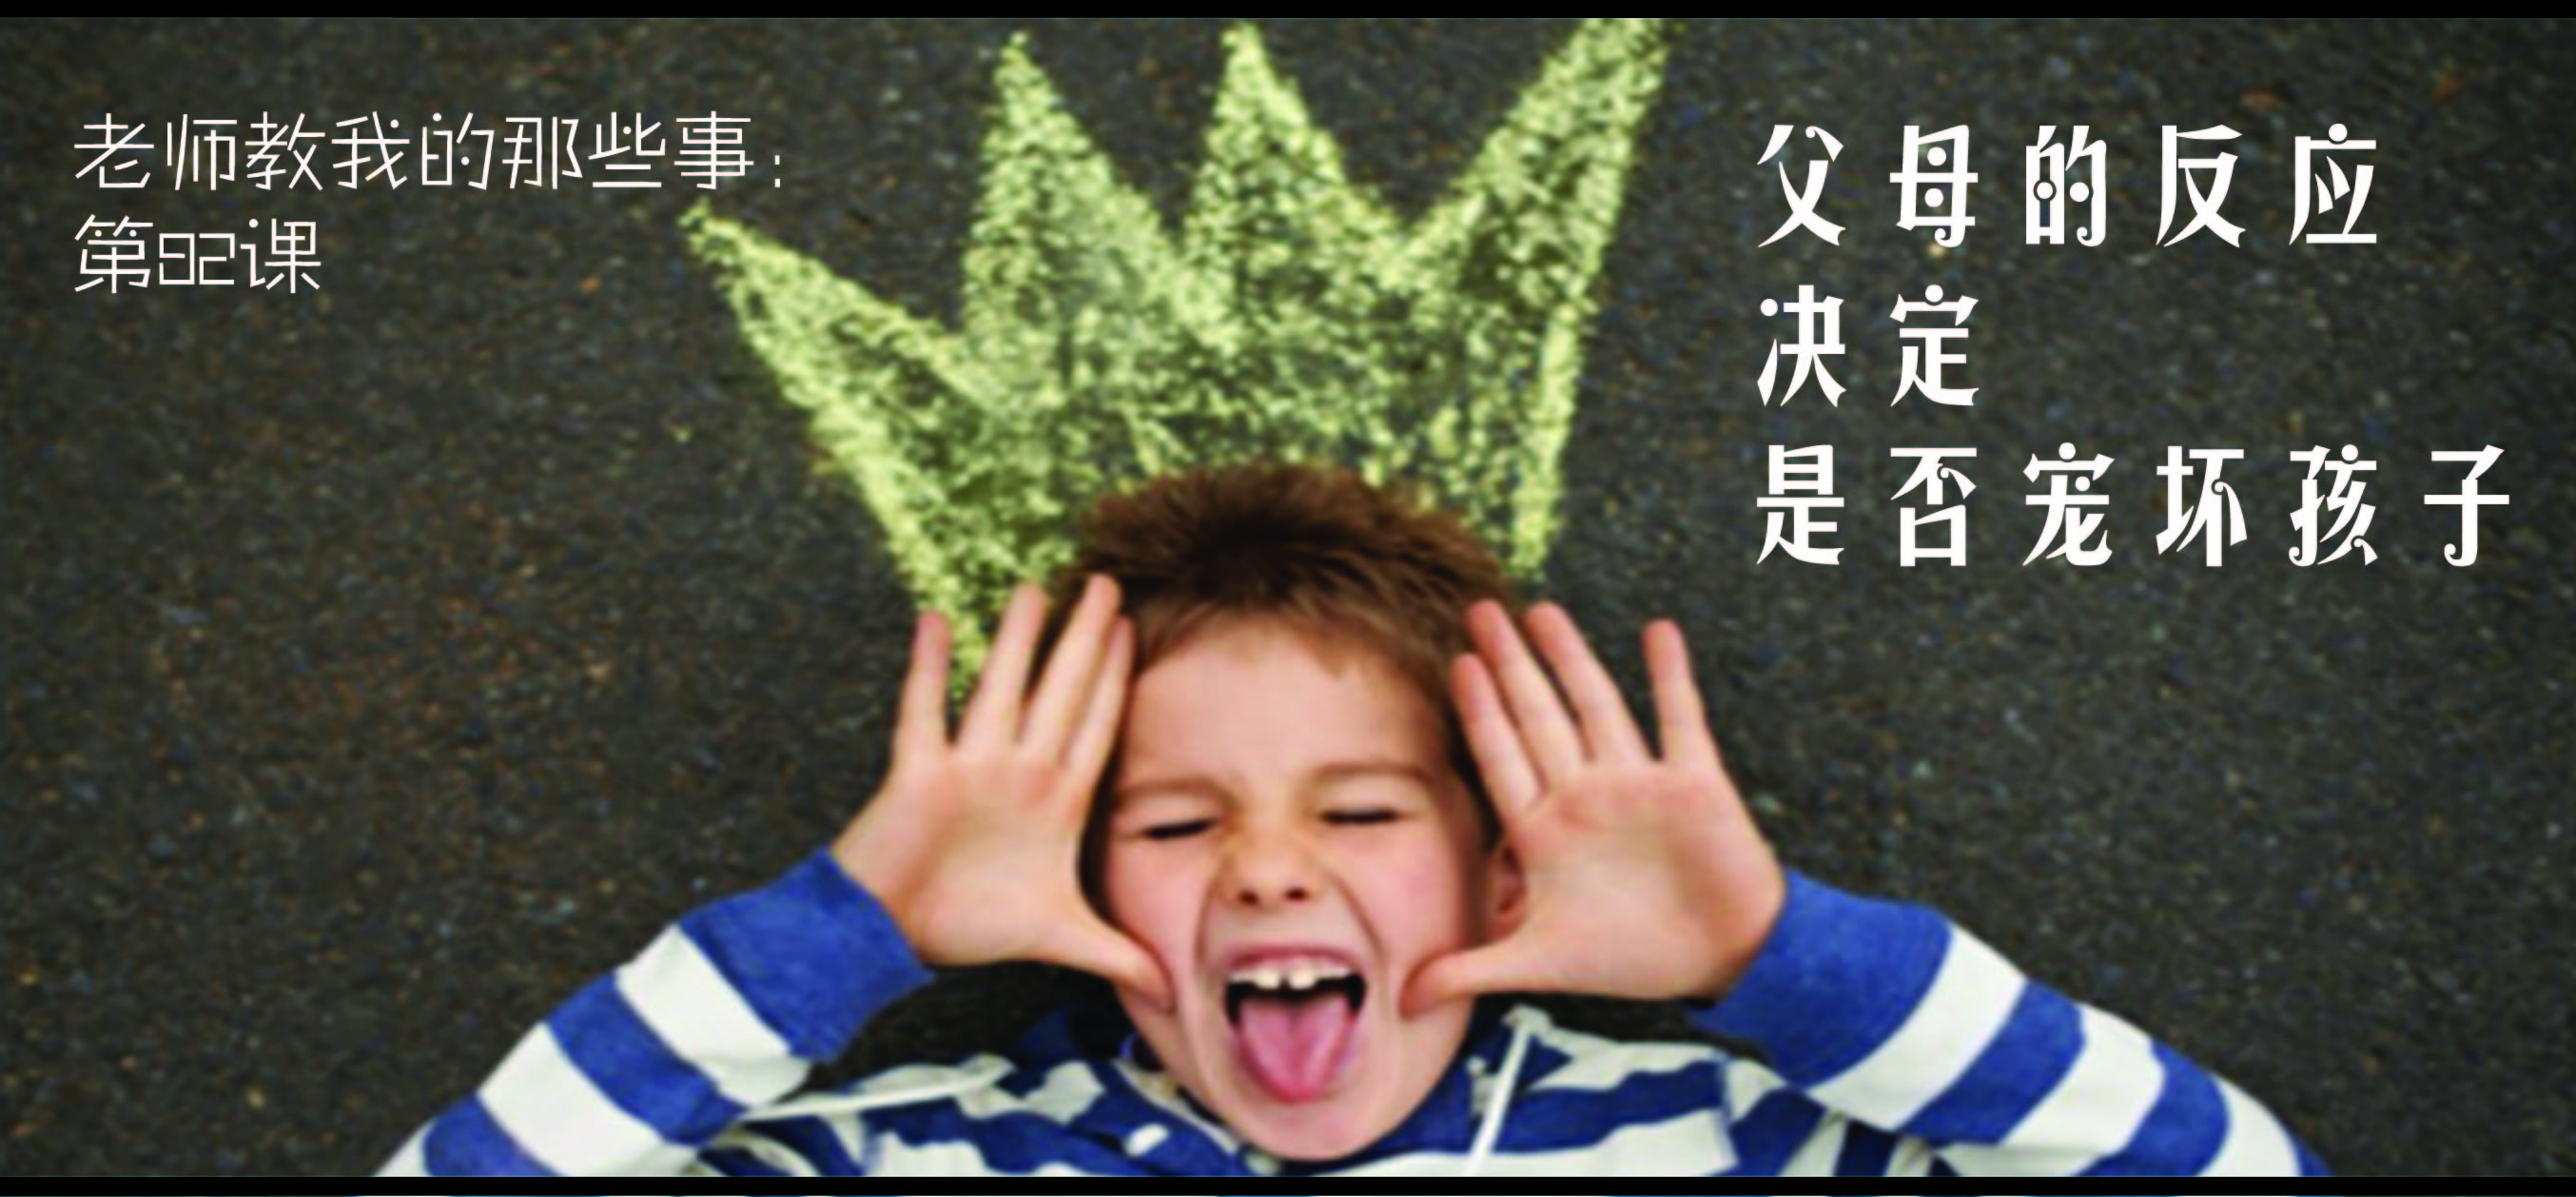 第82课:父母的反应决定是否宠坏孩子